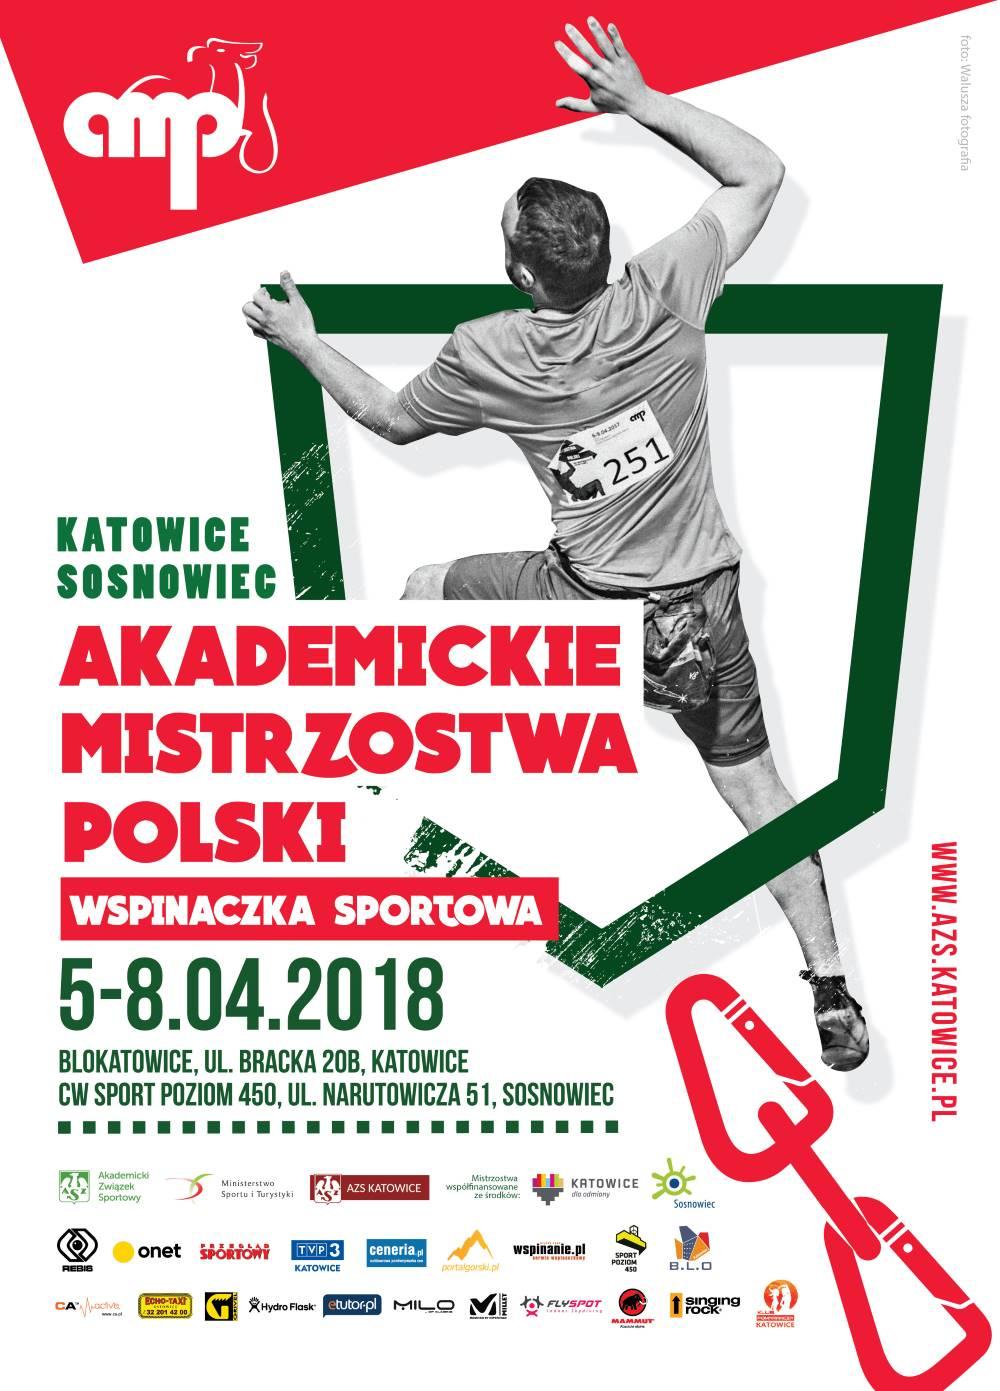 Akademickie Mistrzostwa Polski we Wspinaczce Sportowej 2018